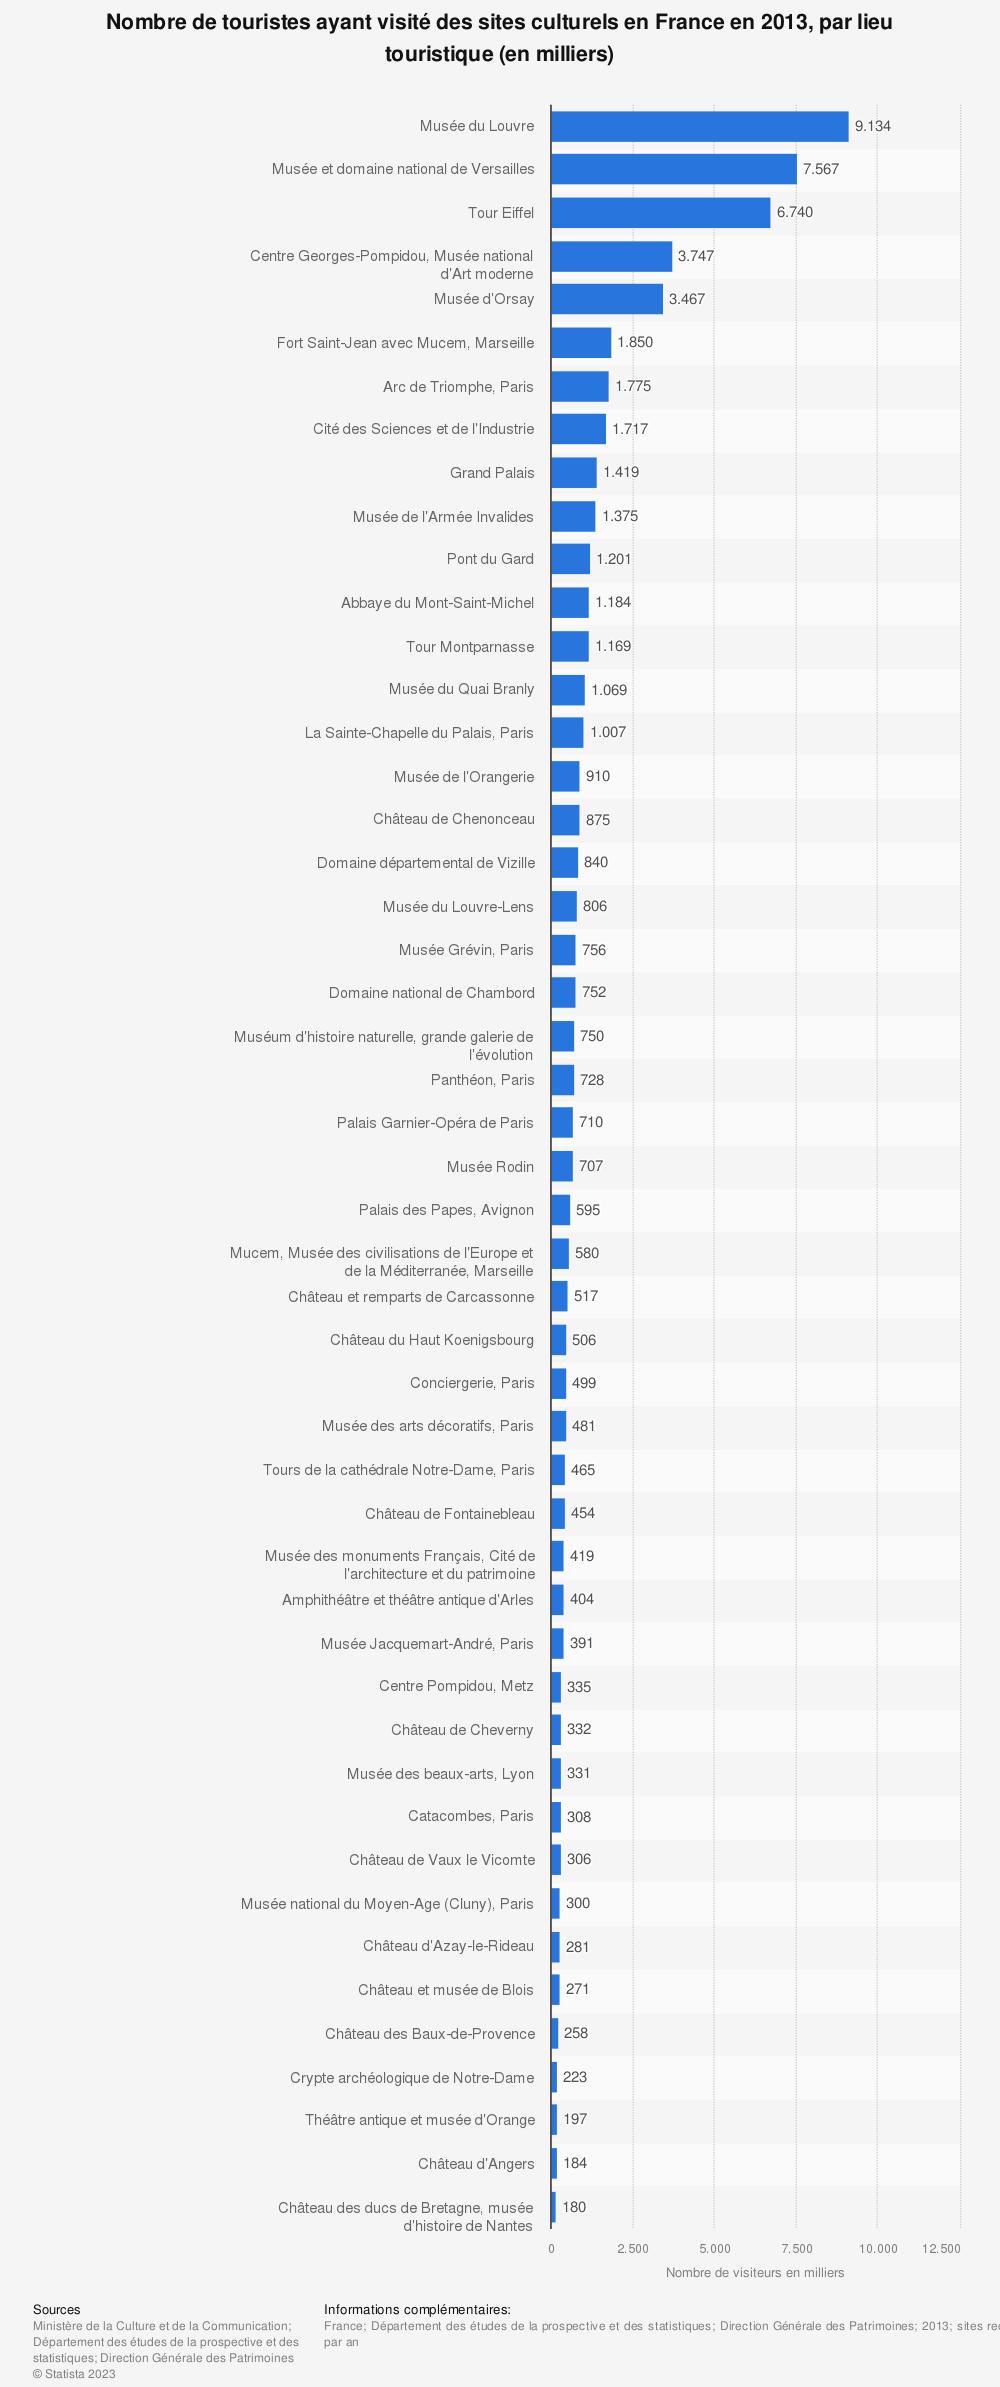 Statistique: Nombre de touristes ayant visité des sites culturels en France en 2013, par lieu touristique (en milliers) | Statista